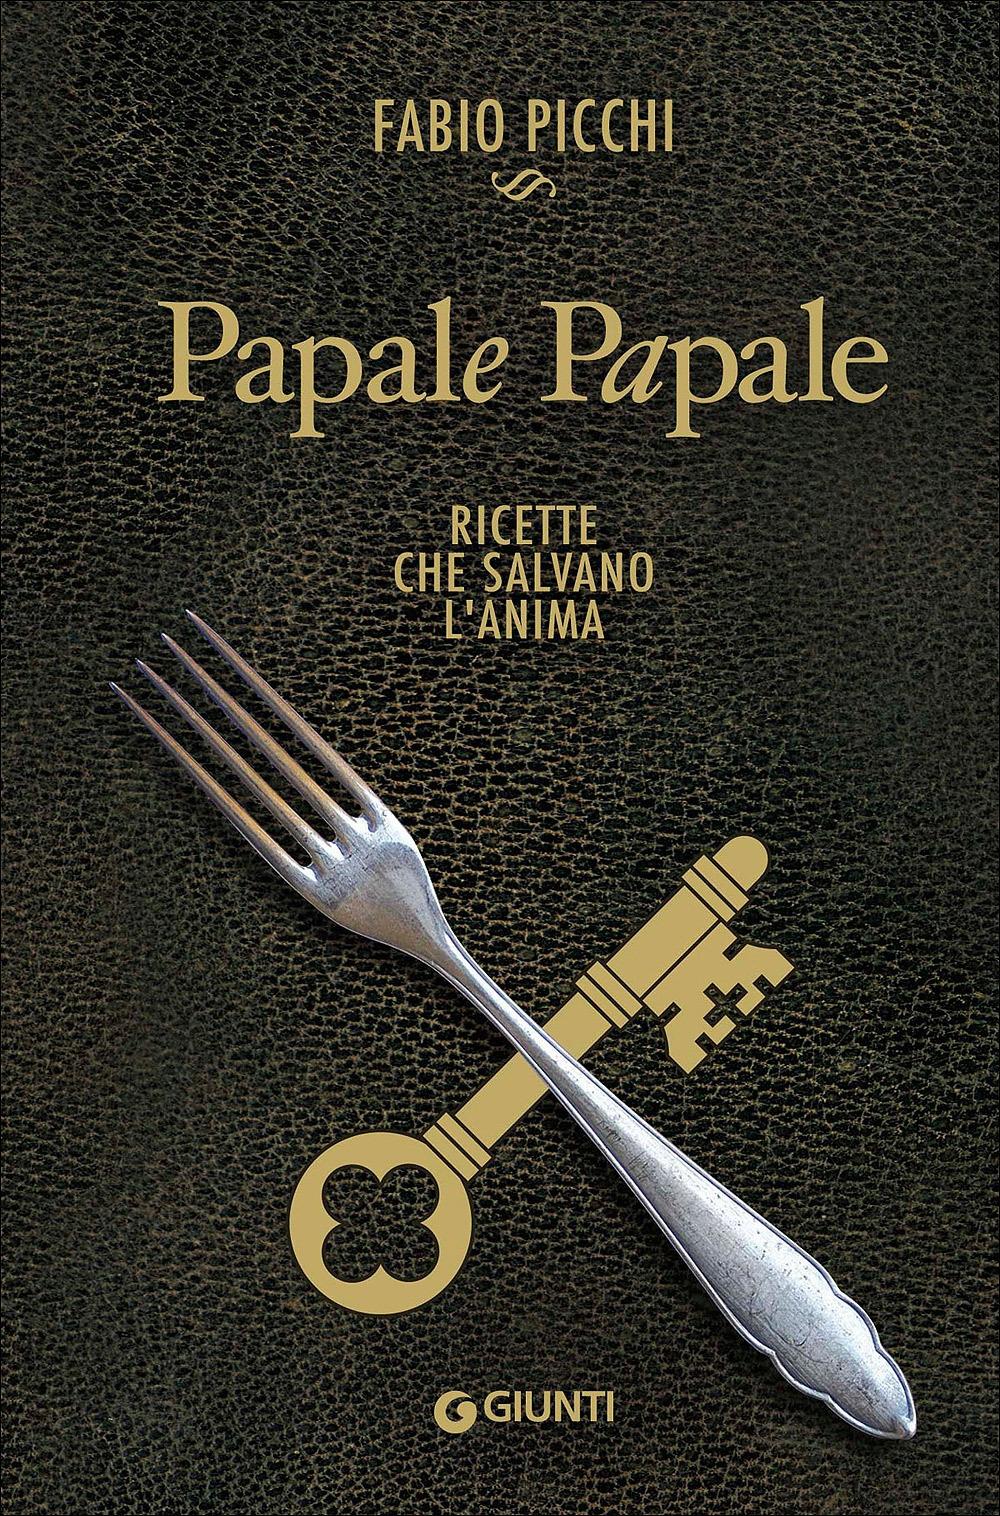 Papale papale. Ricette che salvano l'anima.